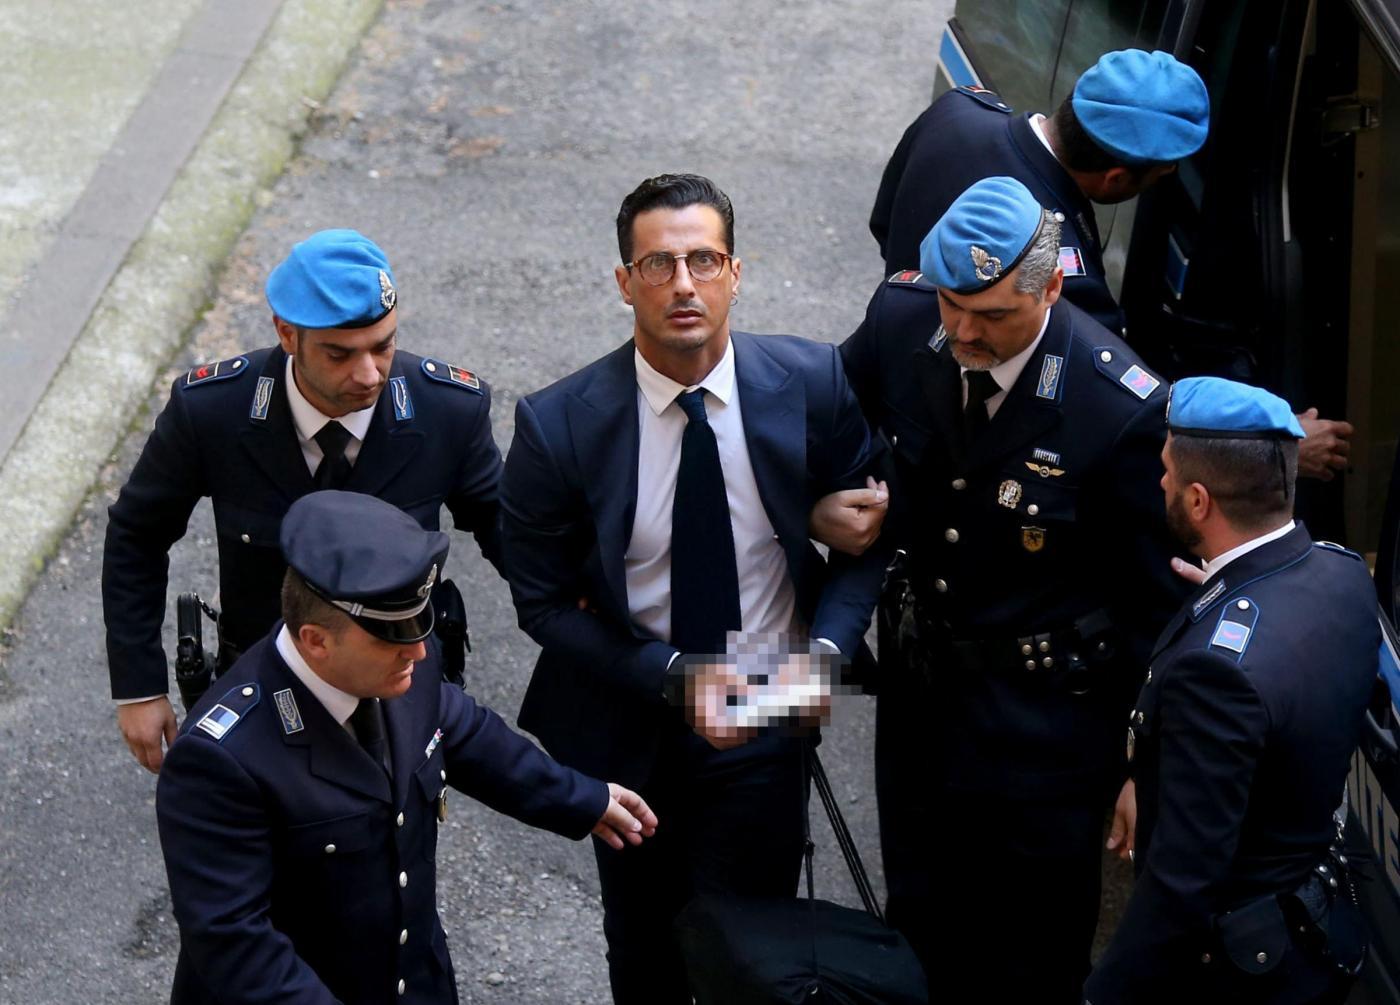 Milano, udienza Processo Corona soldi in nero